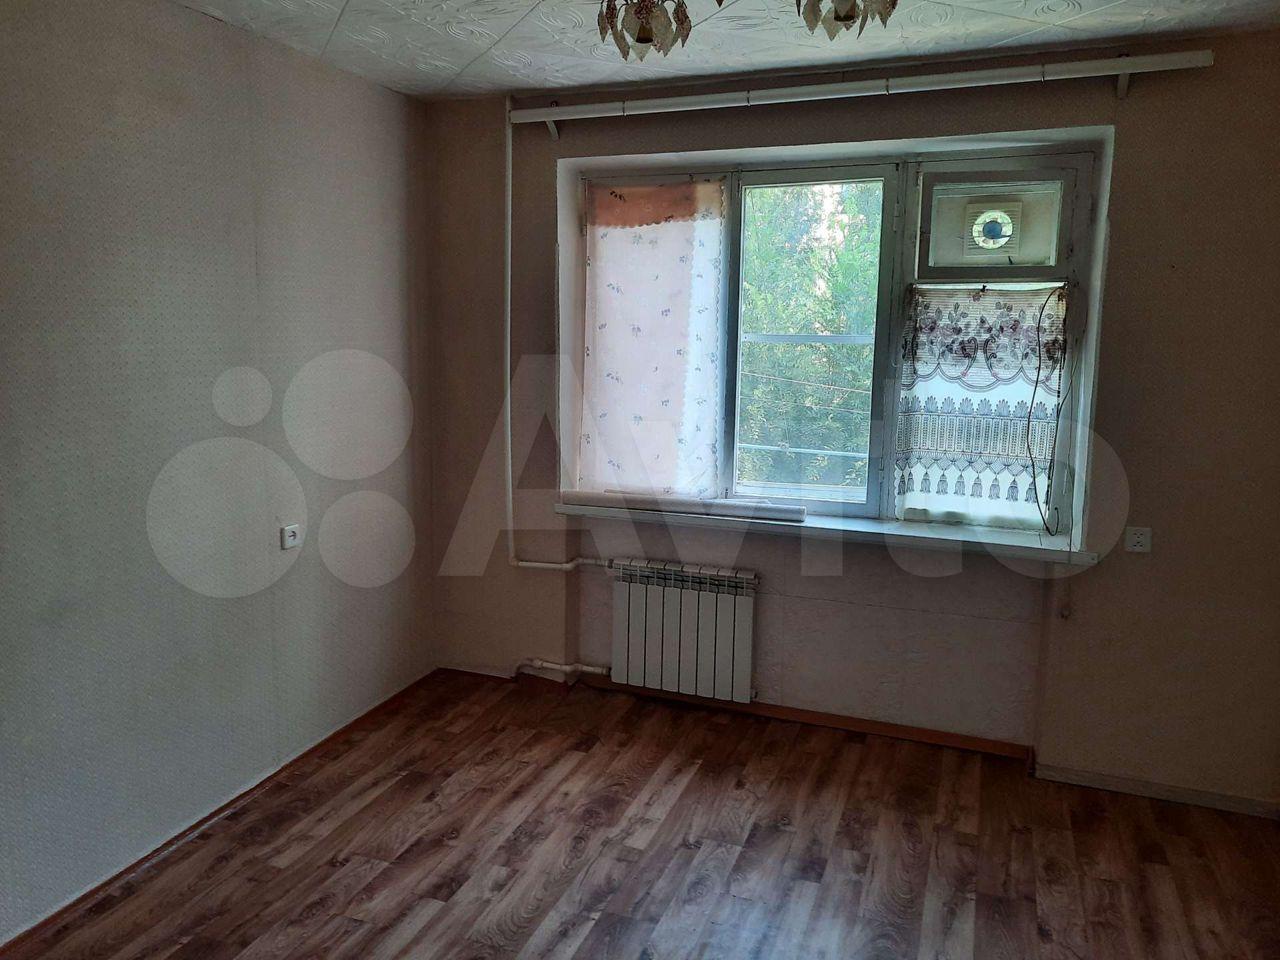 1-к квартира, 18 м², 3/5 эт.  89033487388 купить 1